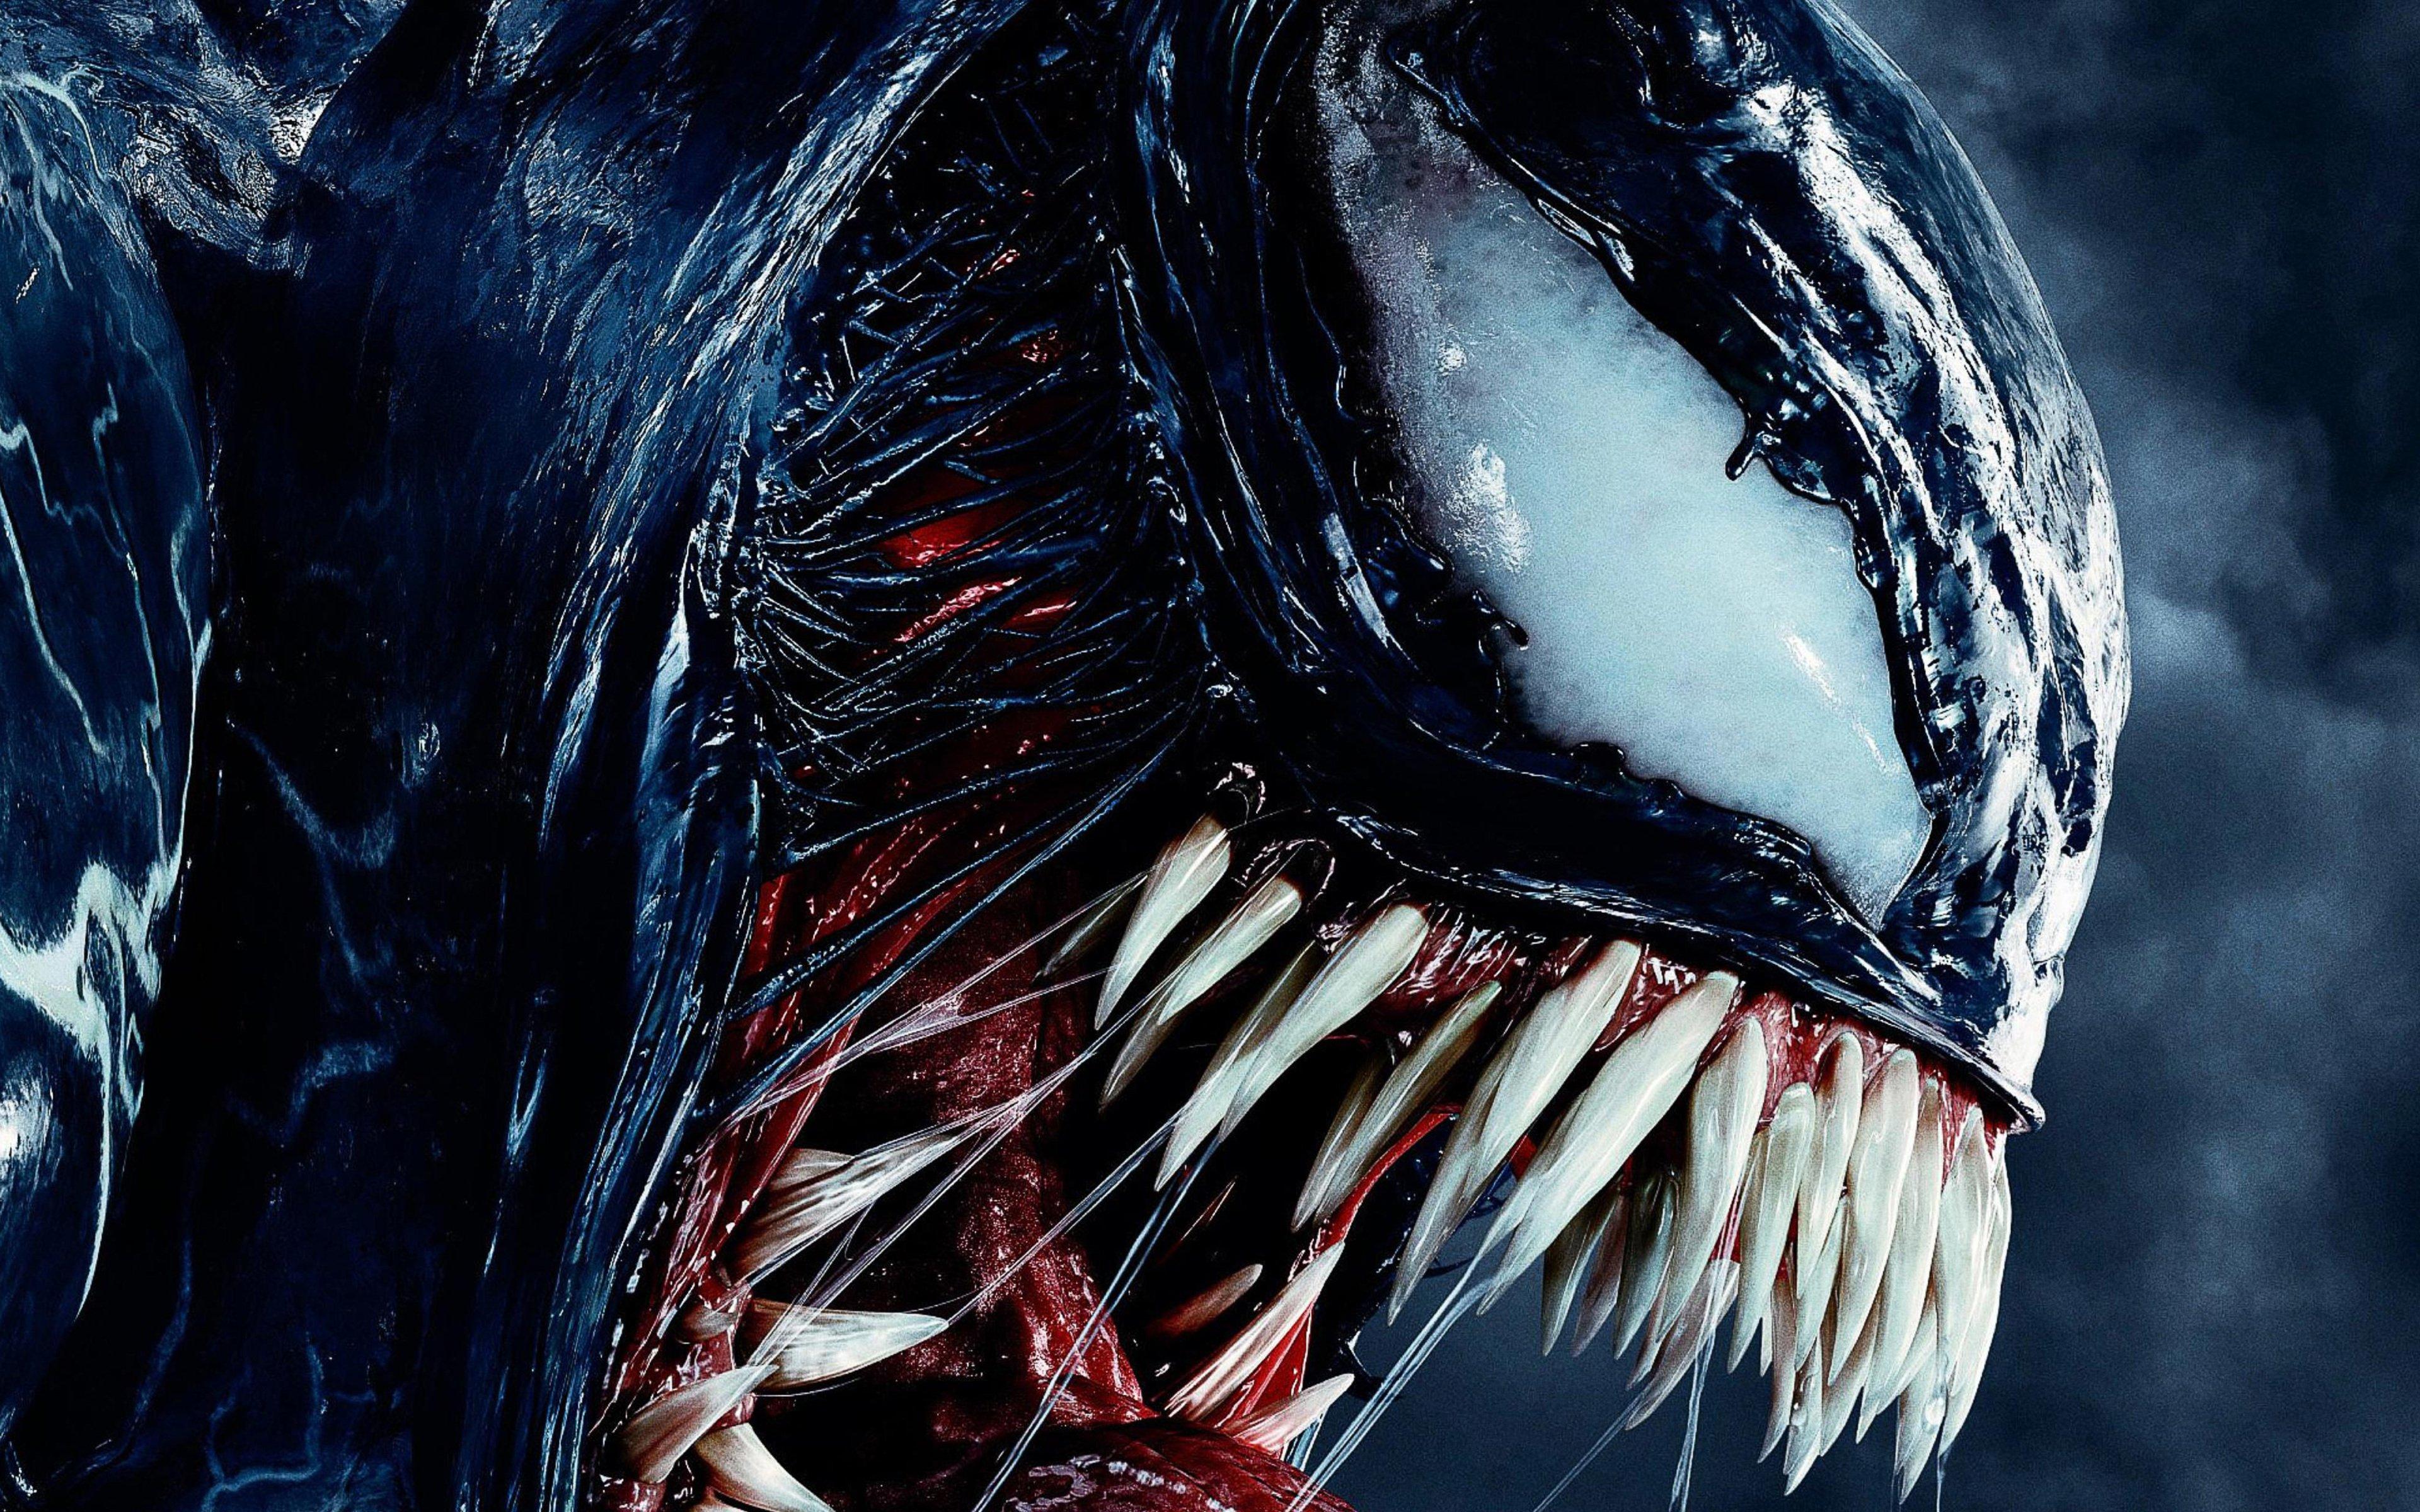 Fondos de pantalla Película Venom